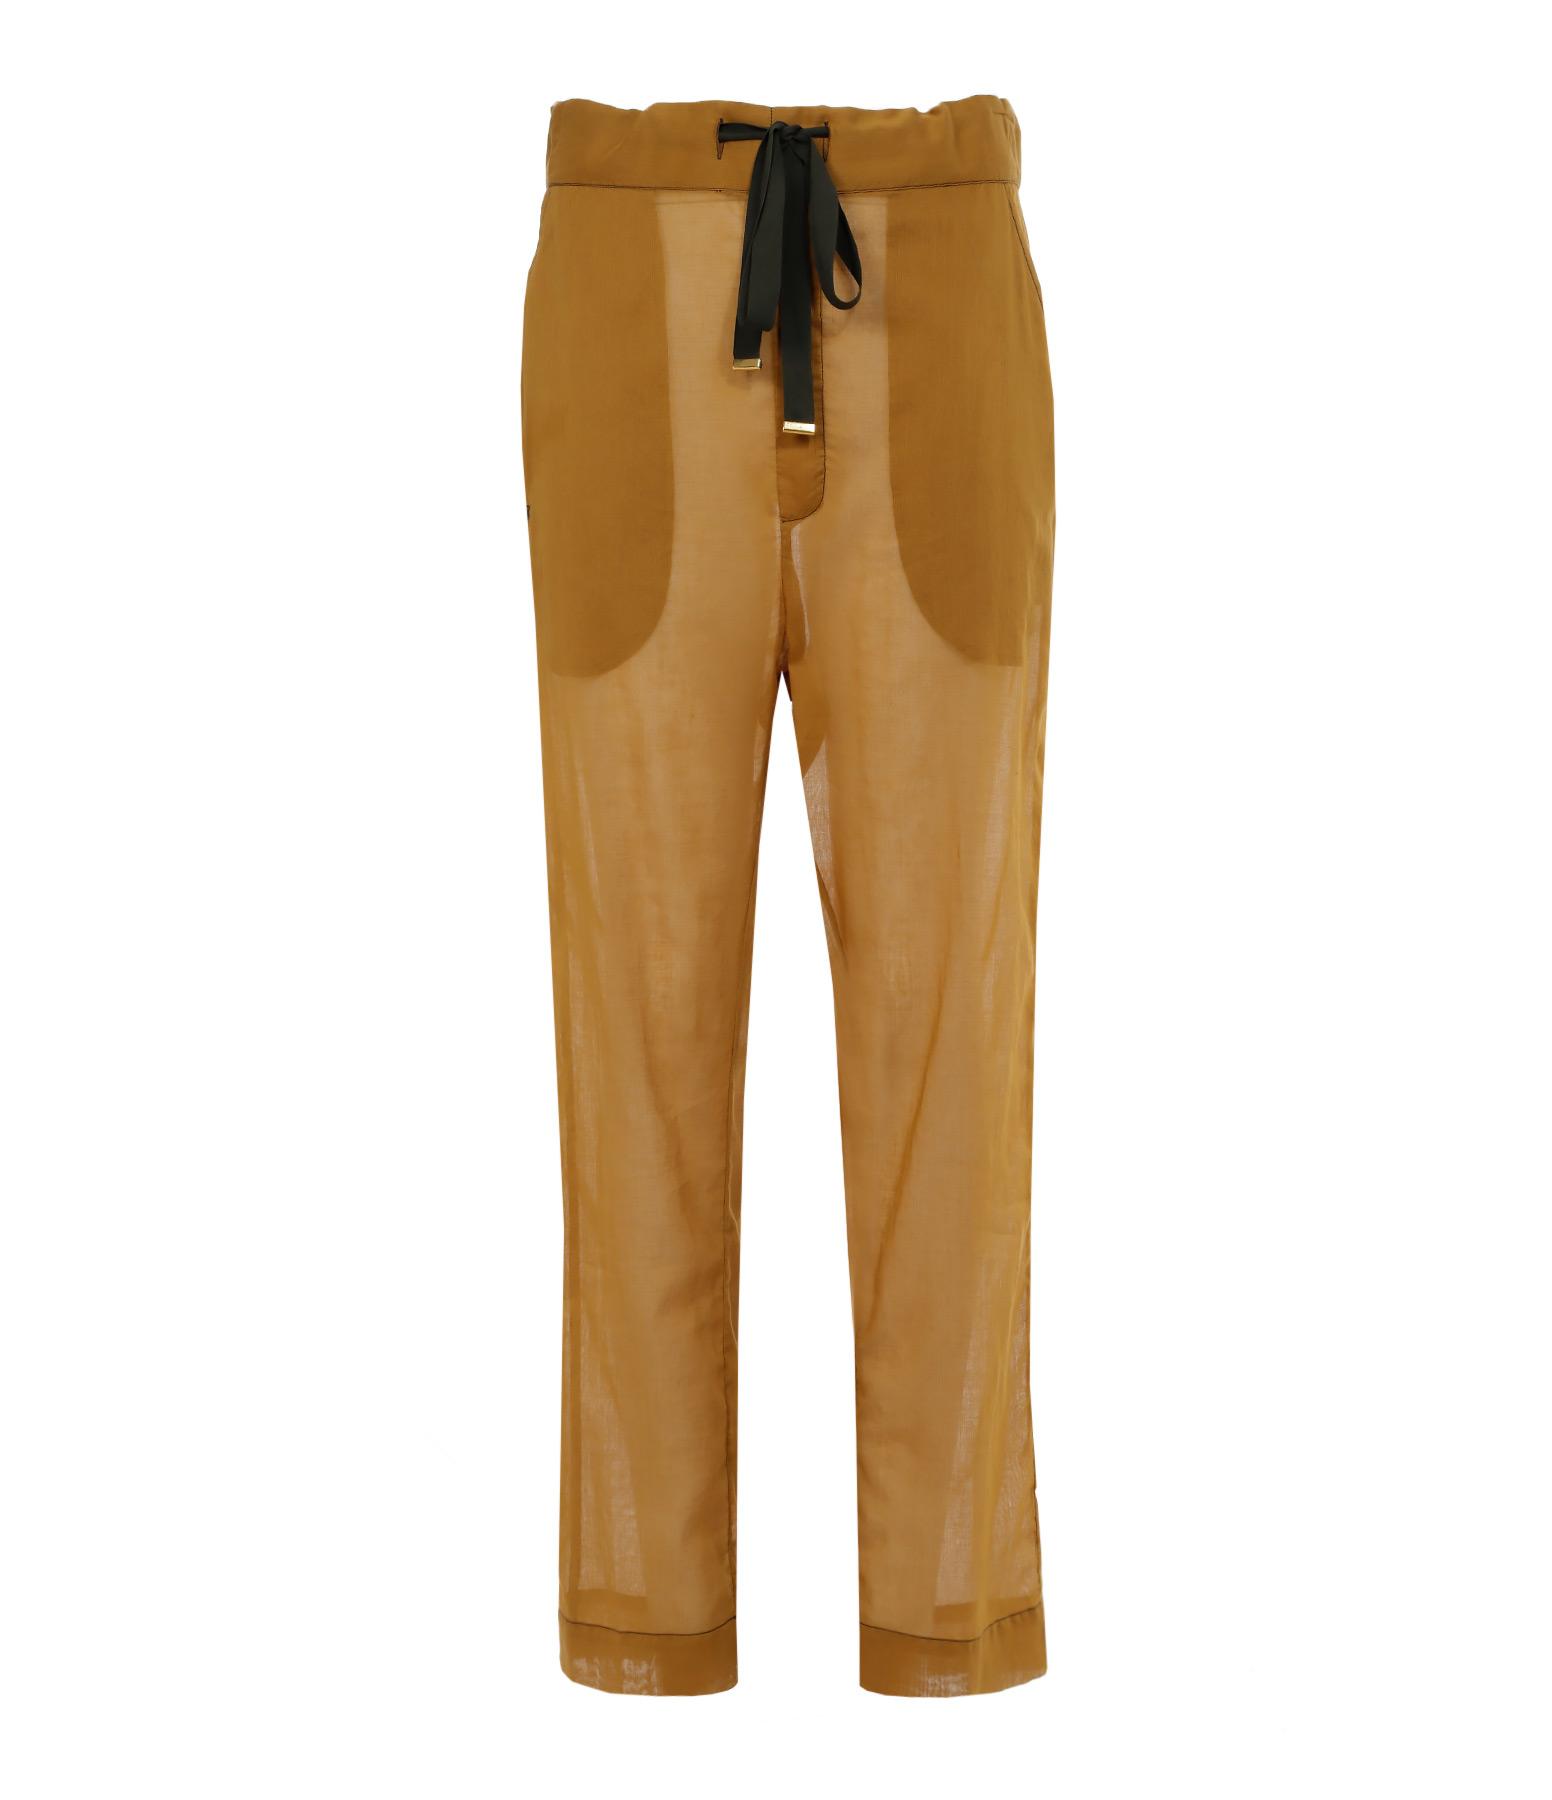 Pantalon Chairman Coton Lemon Grass